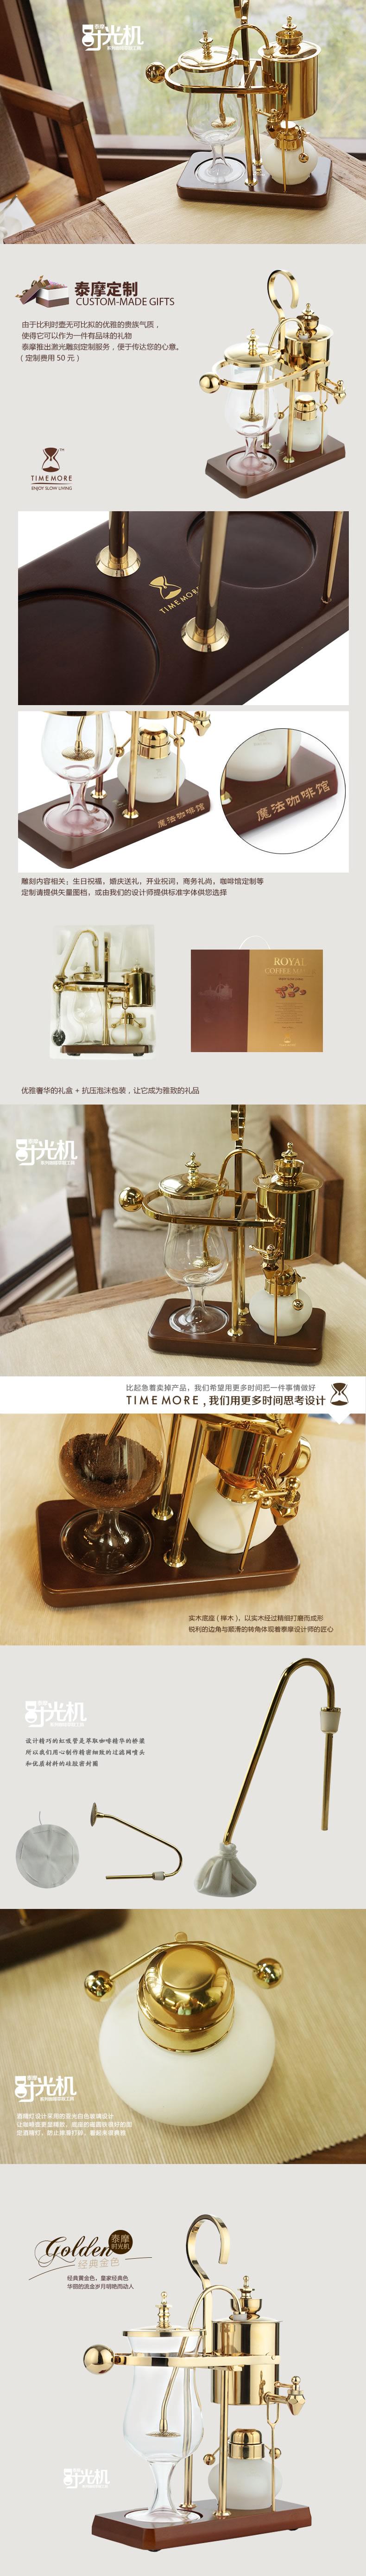 泰摩比利时咖啡壶TRY01SL详情图